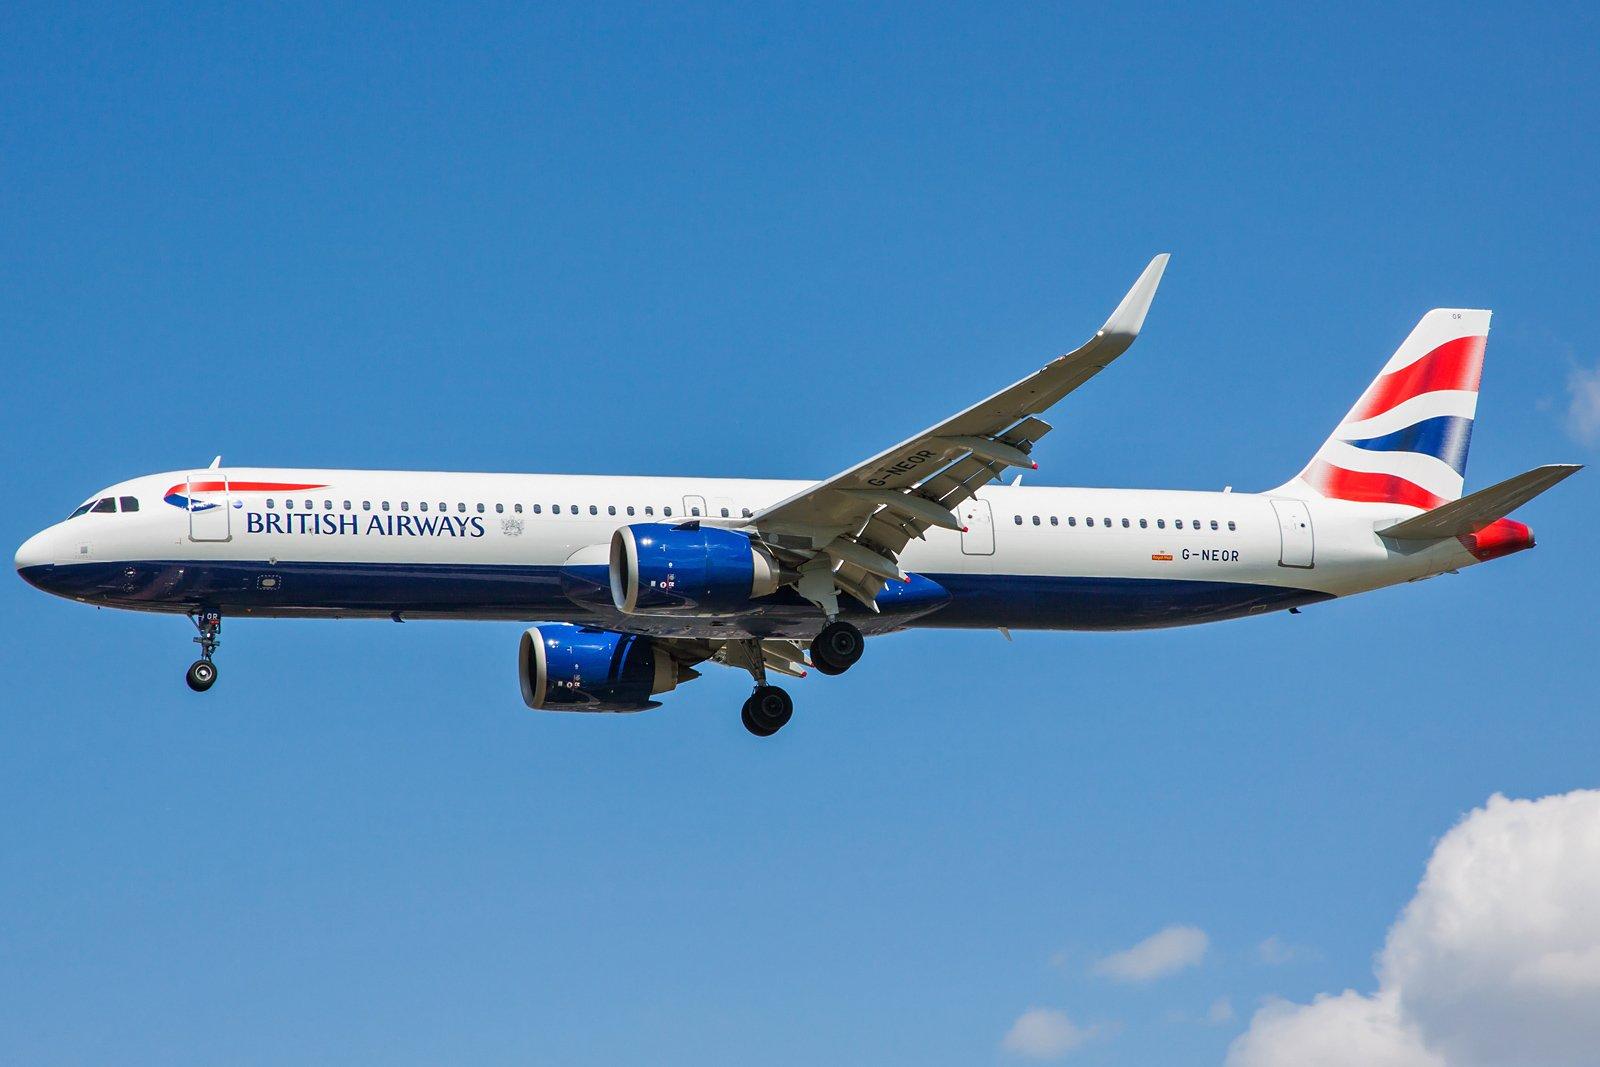 British Airways Airbus A321-251NX G-NEOR